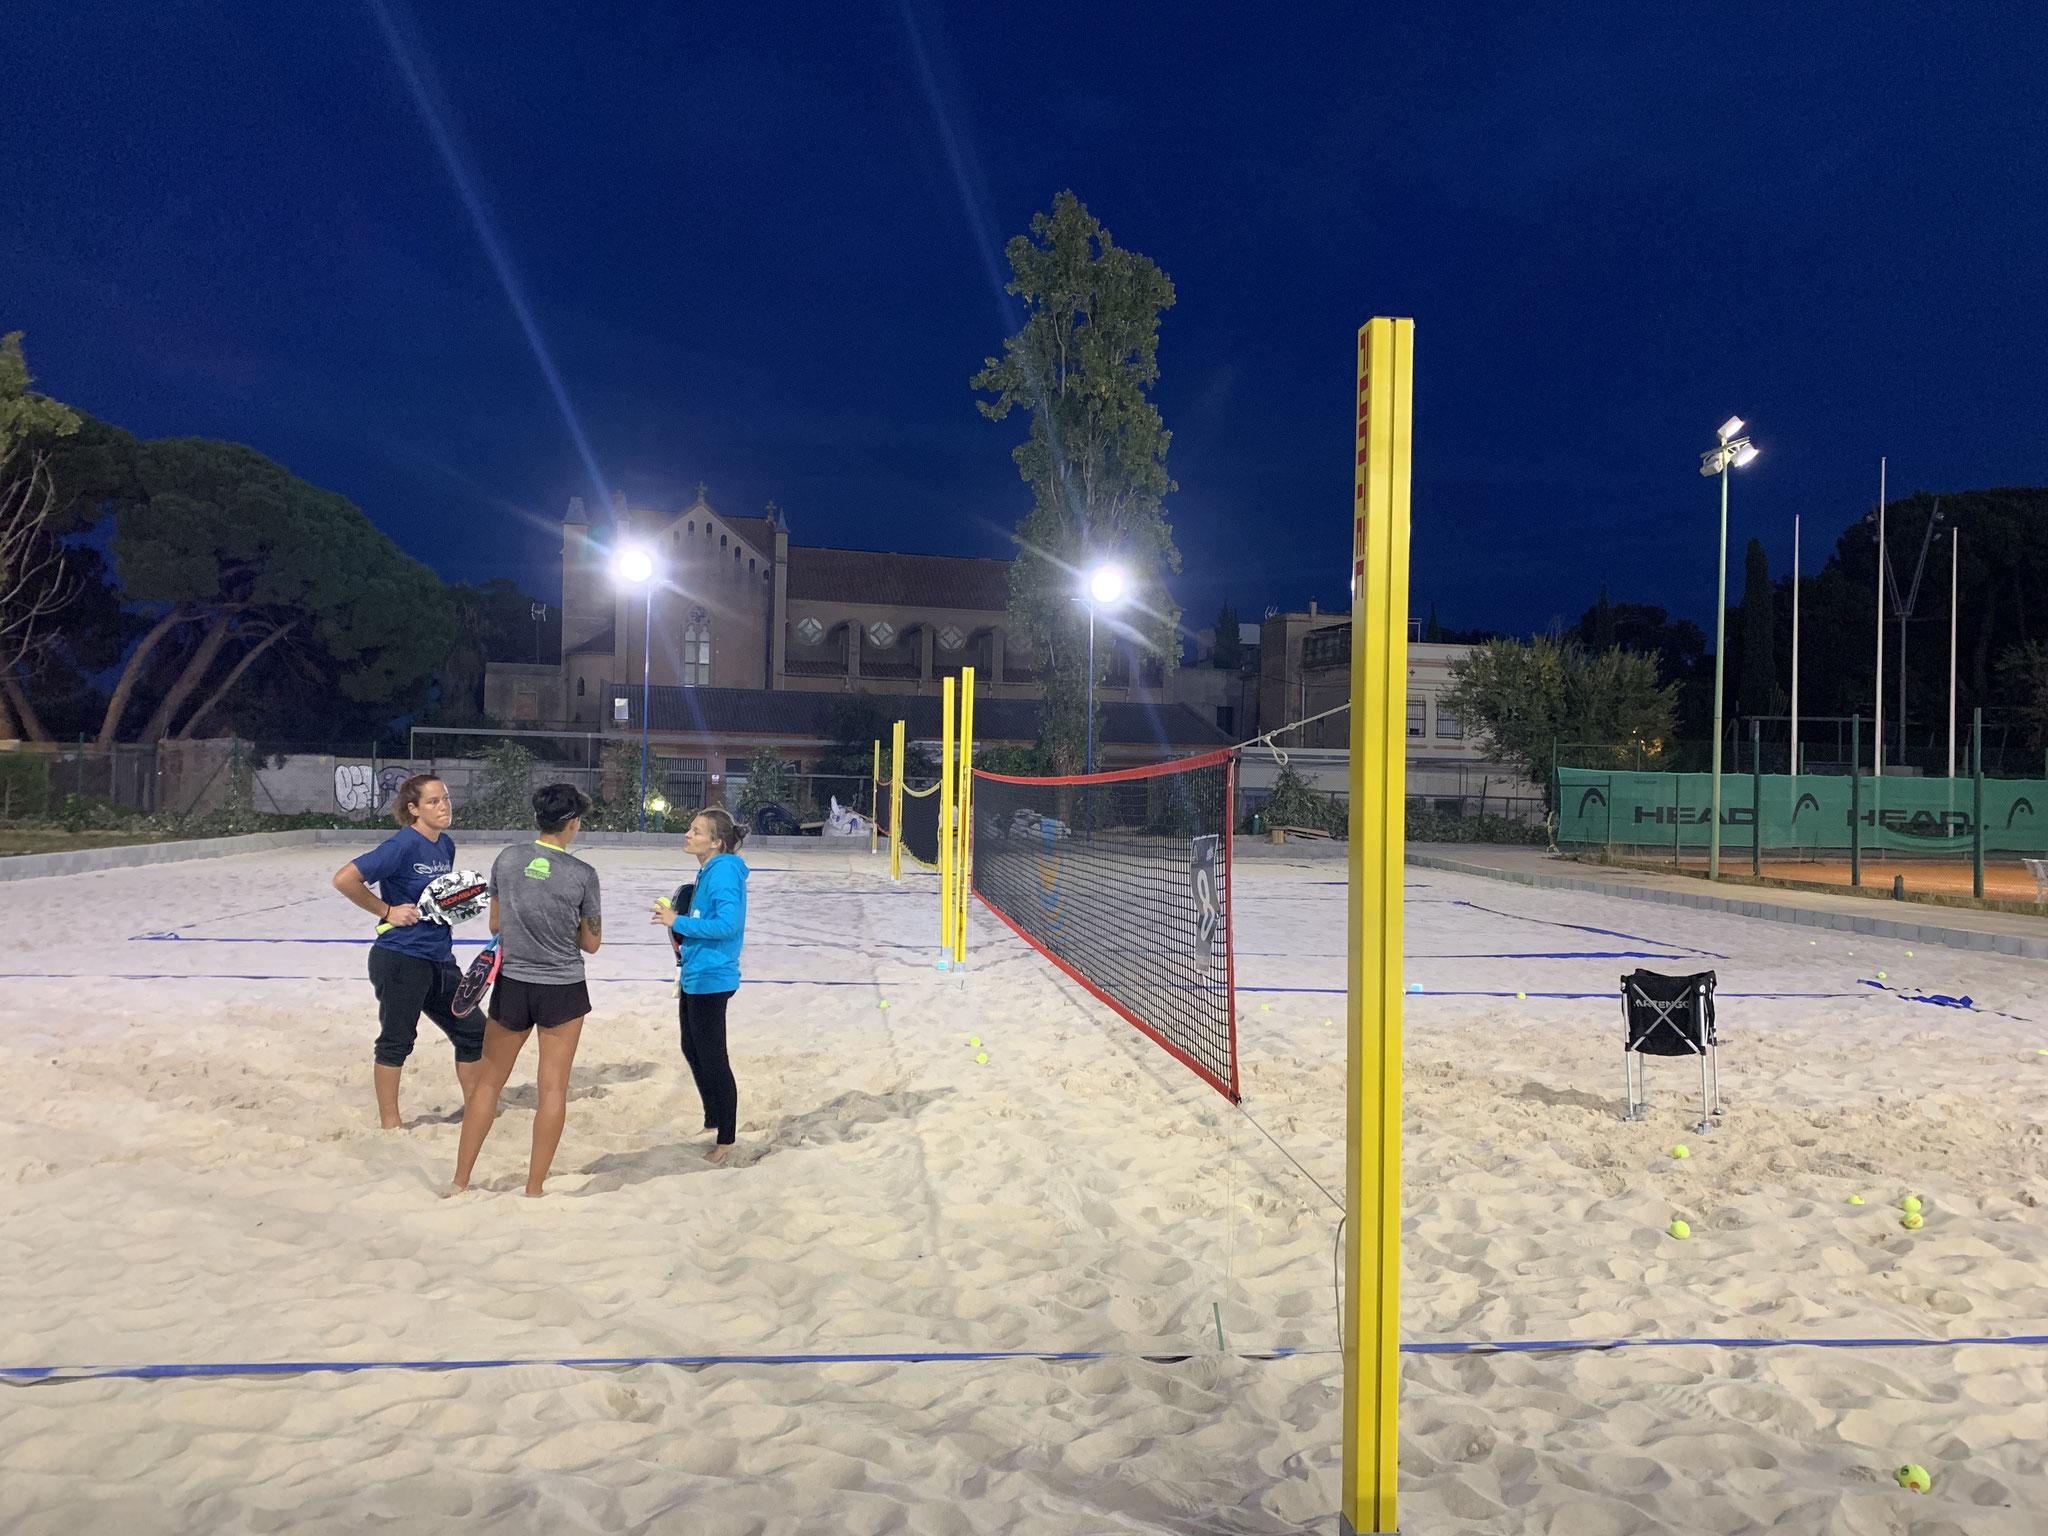 Nace la primera escuela municipal de tenis playa de la mano de BTB Club y la UTE Vall d'Hebrón!